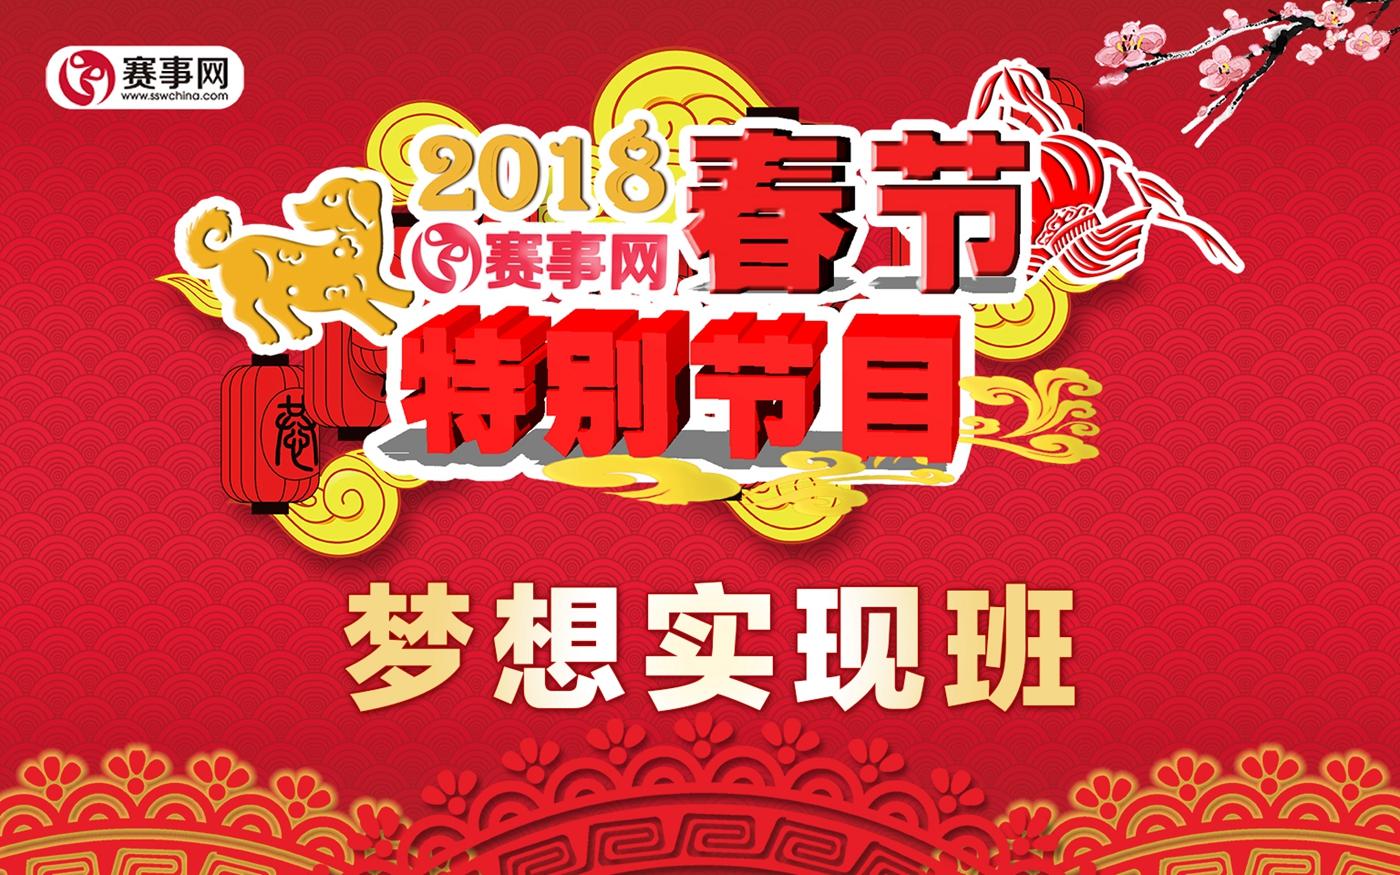 赛事网2018春节特别节目·梦想实现班·报名表